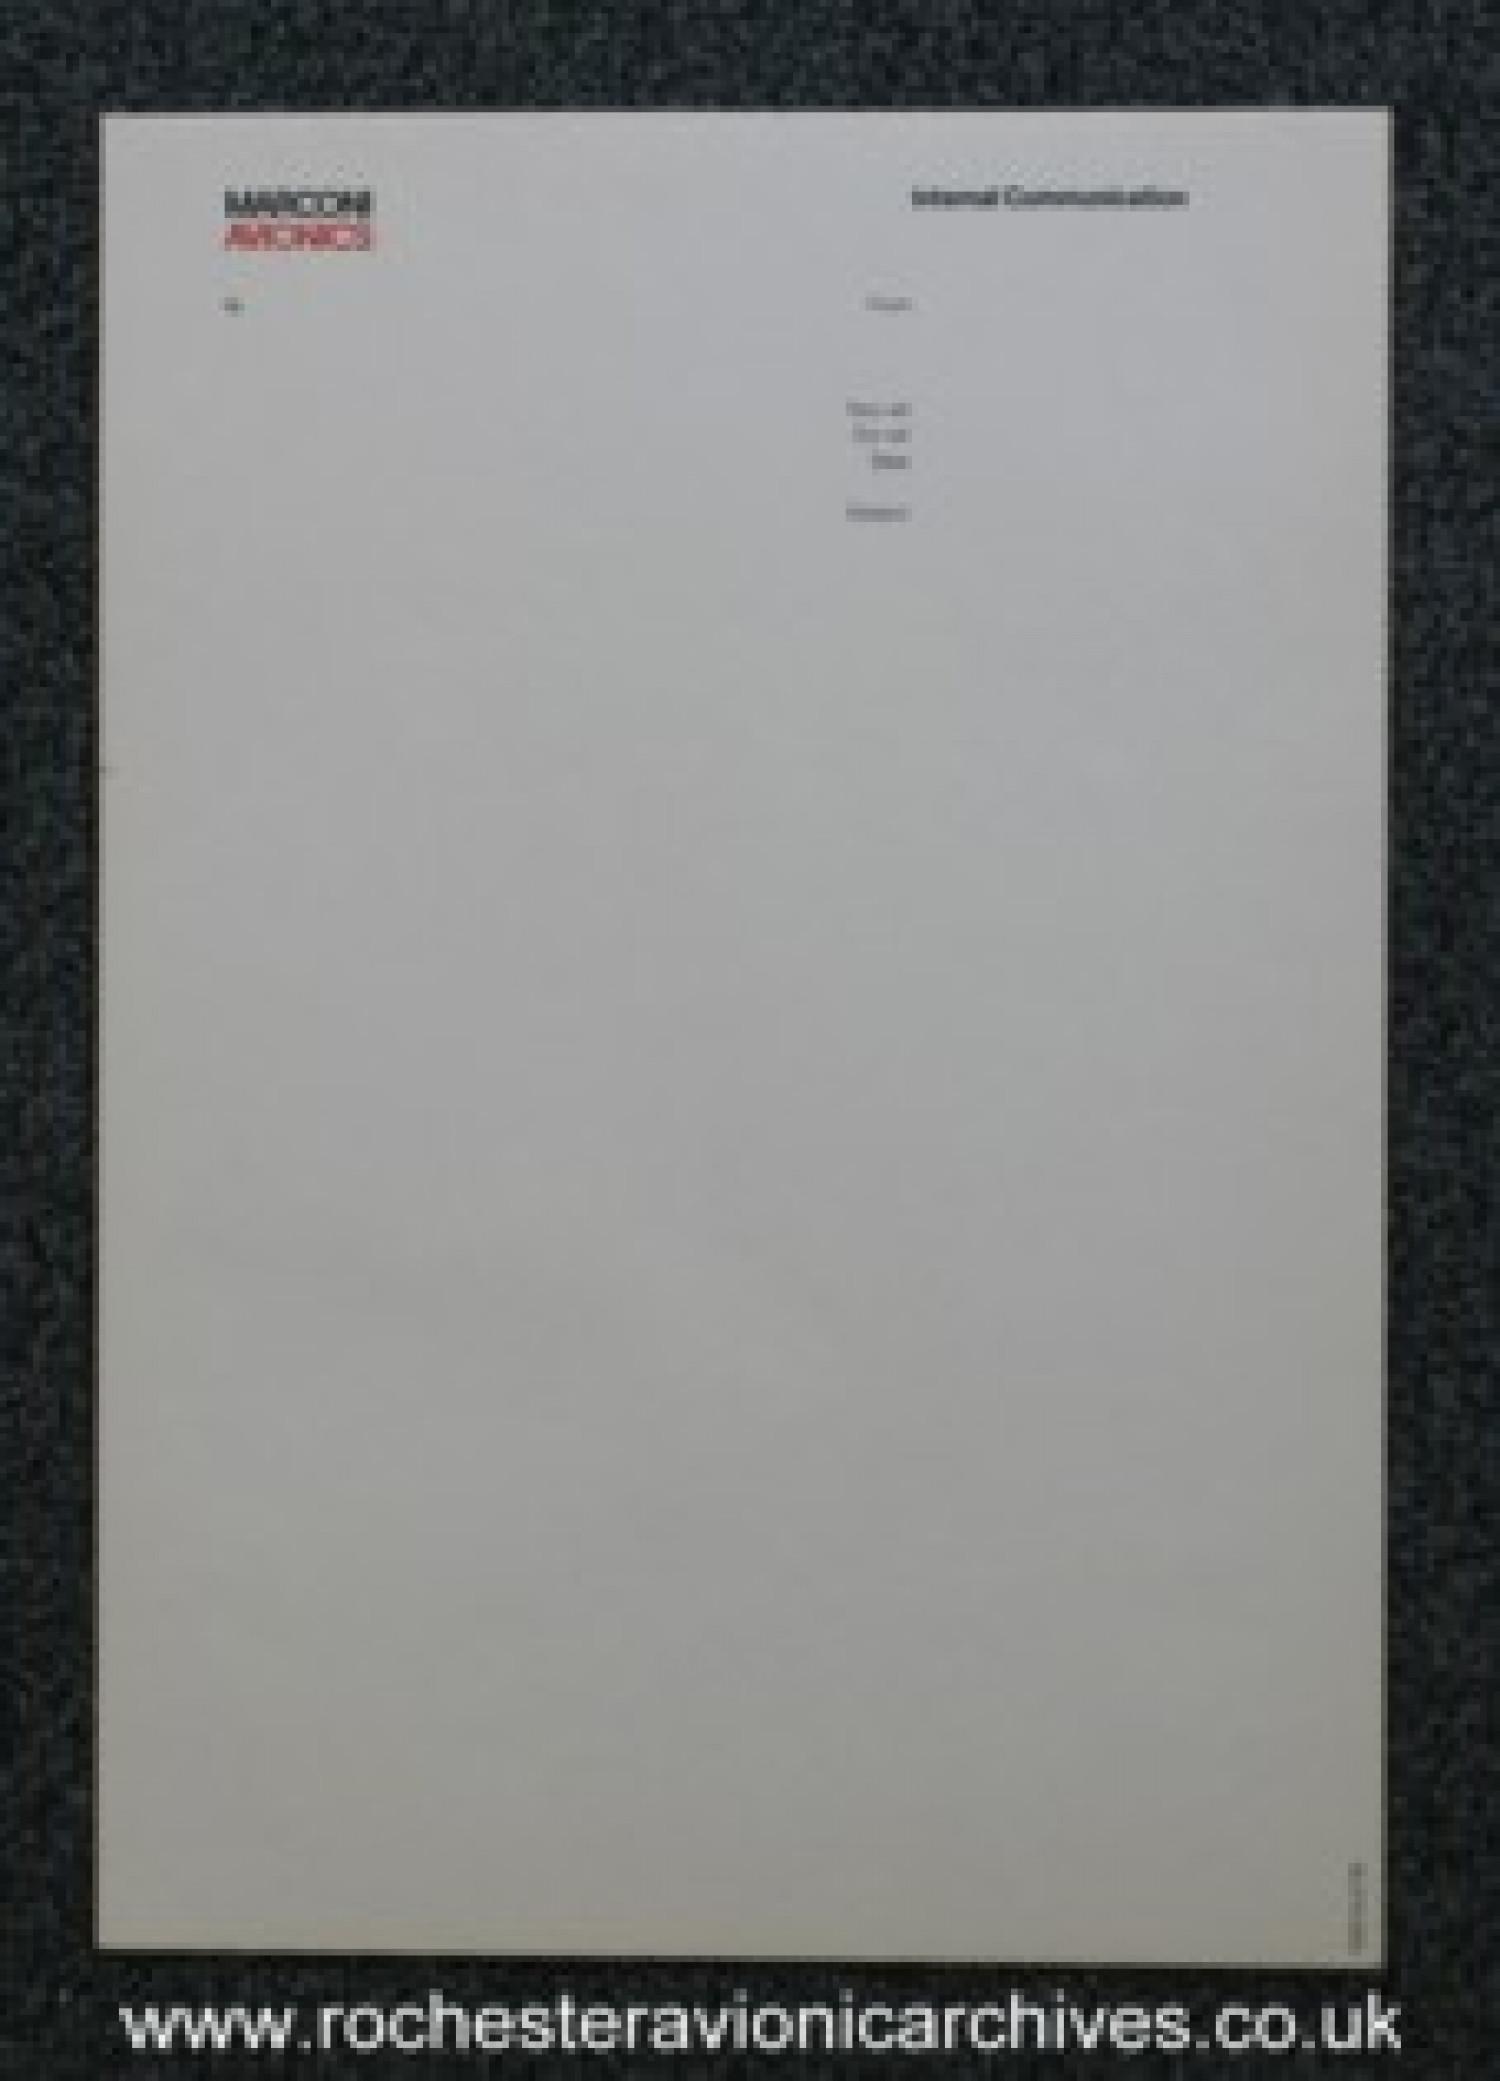 GEC Avionics IC Pads, large